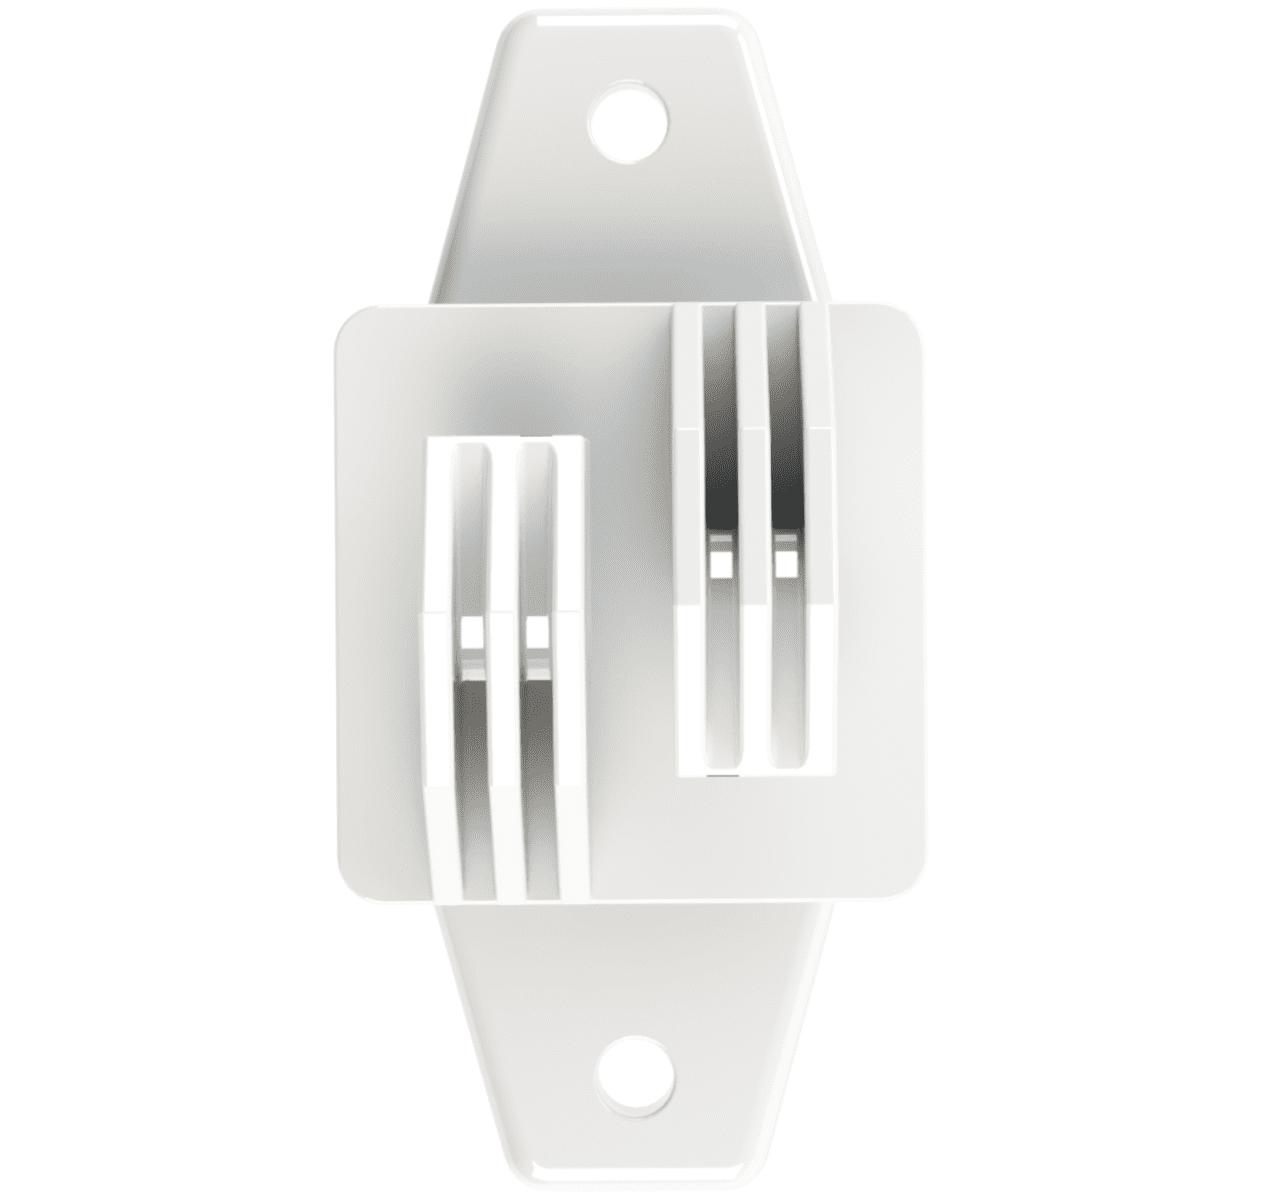 Isolador Tipo W Branco Cerca Elétrica Rural Residencial Industrial Pacote 100 Unidades  - Ambientude Agro e Pet